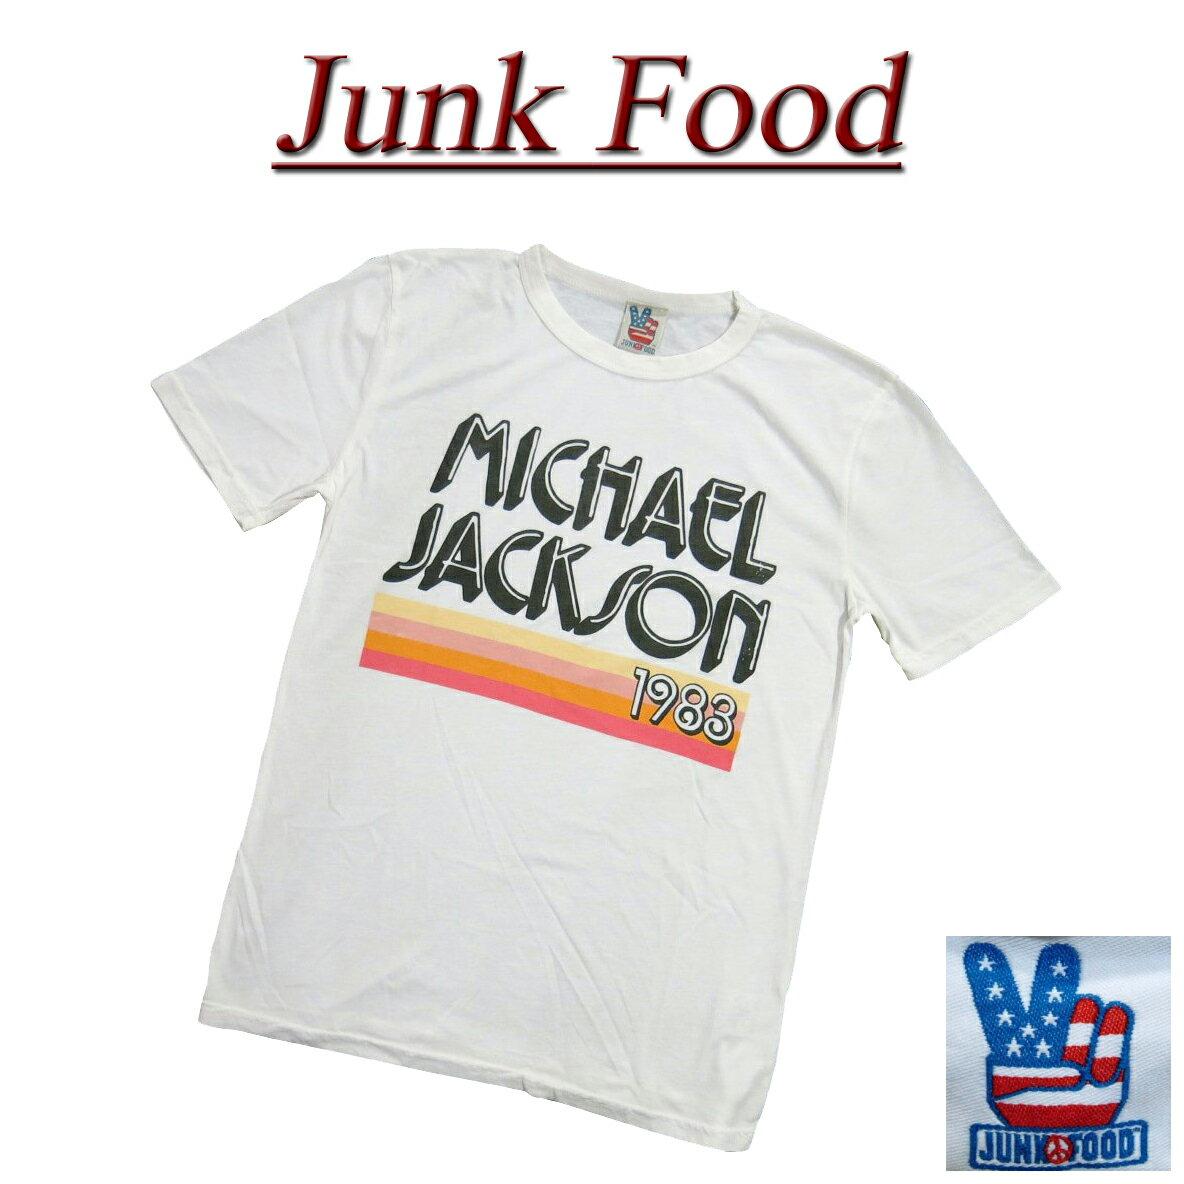 トップス, Tシャツ・カットソー  5 ac061 JUNK FOOD USA MICHAEL JACKSON T MJ006-7765 JunkFood MADE IN USA smtb-kd